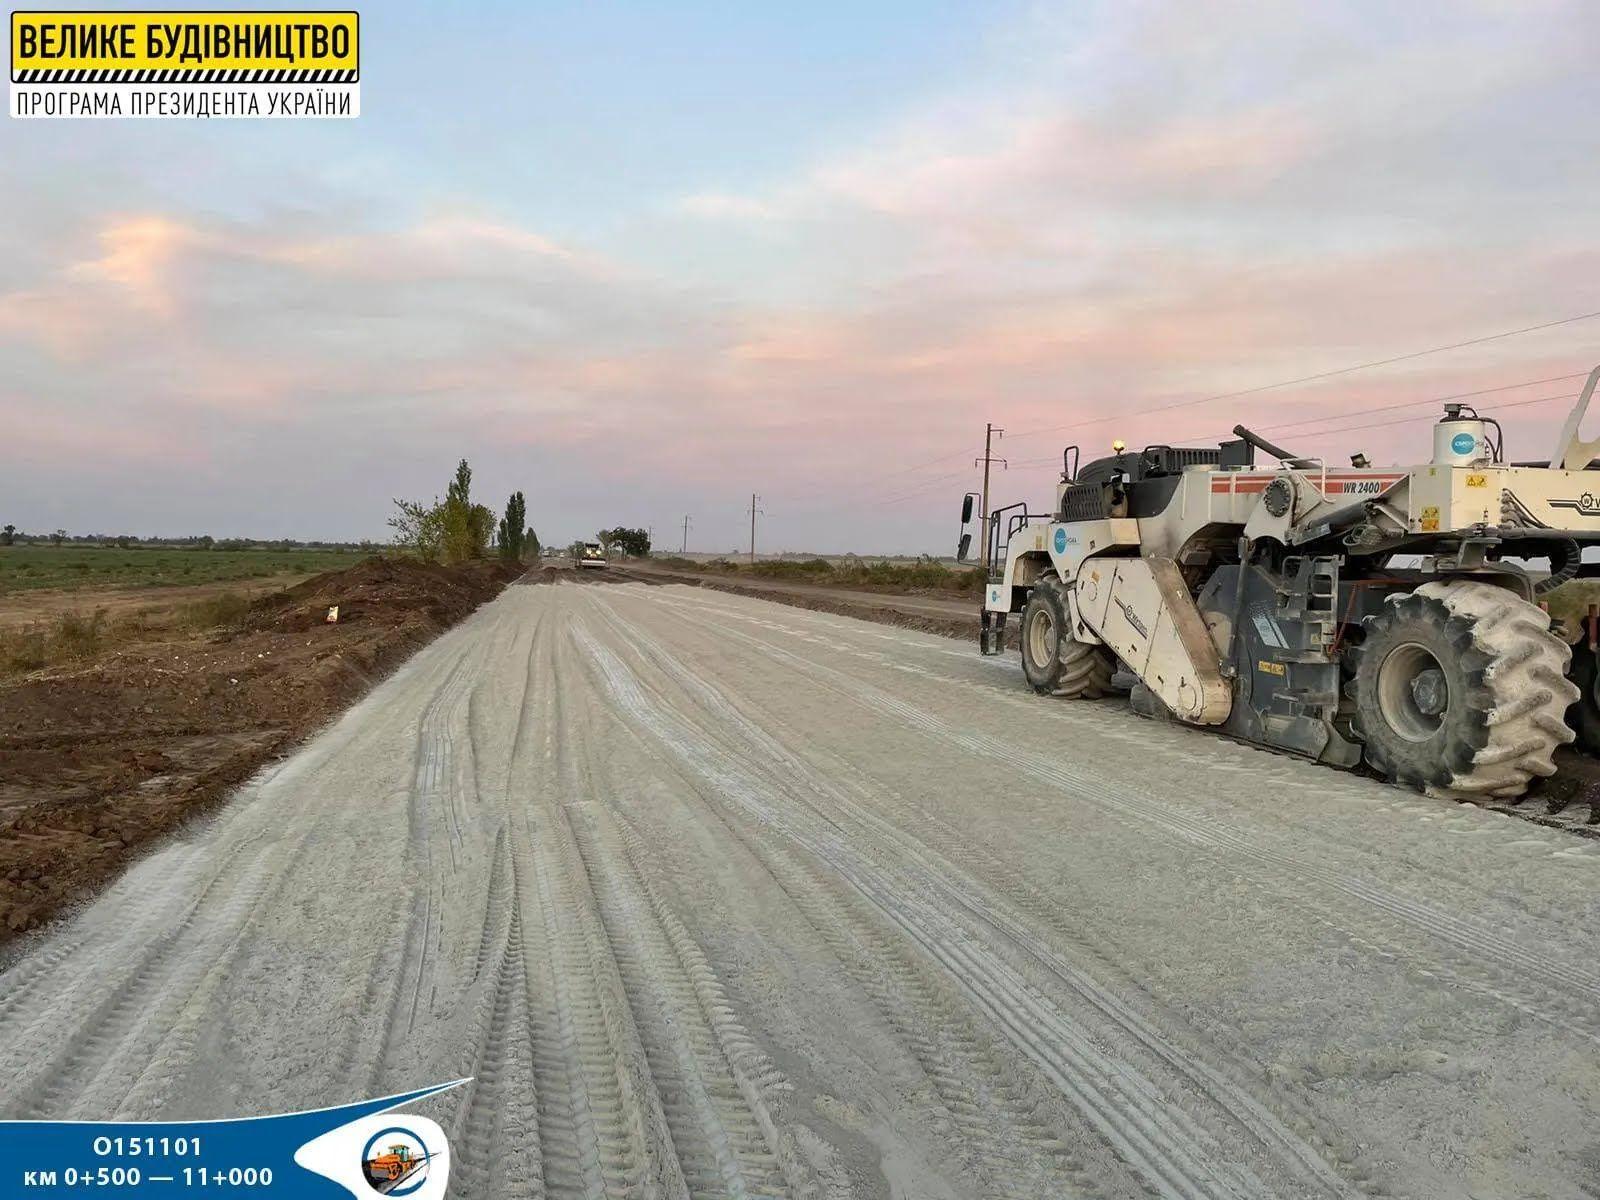 """Об'їзну дорогу ремонтують у рамках """"Великого будівництва"""""""